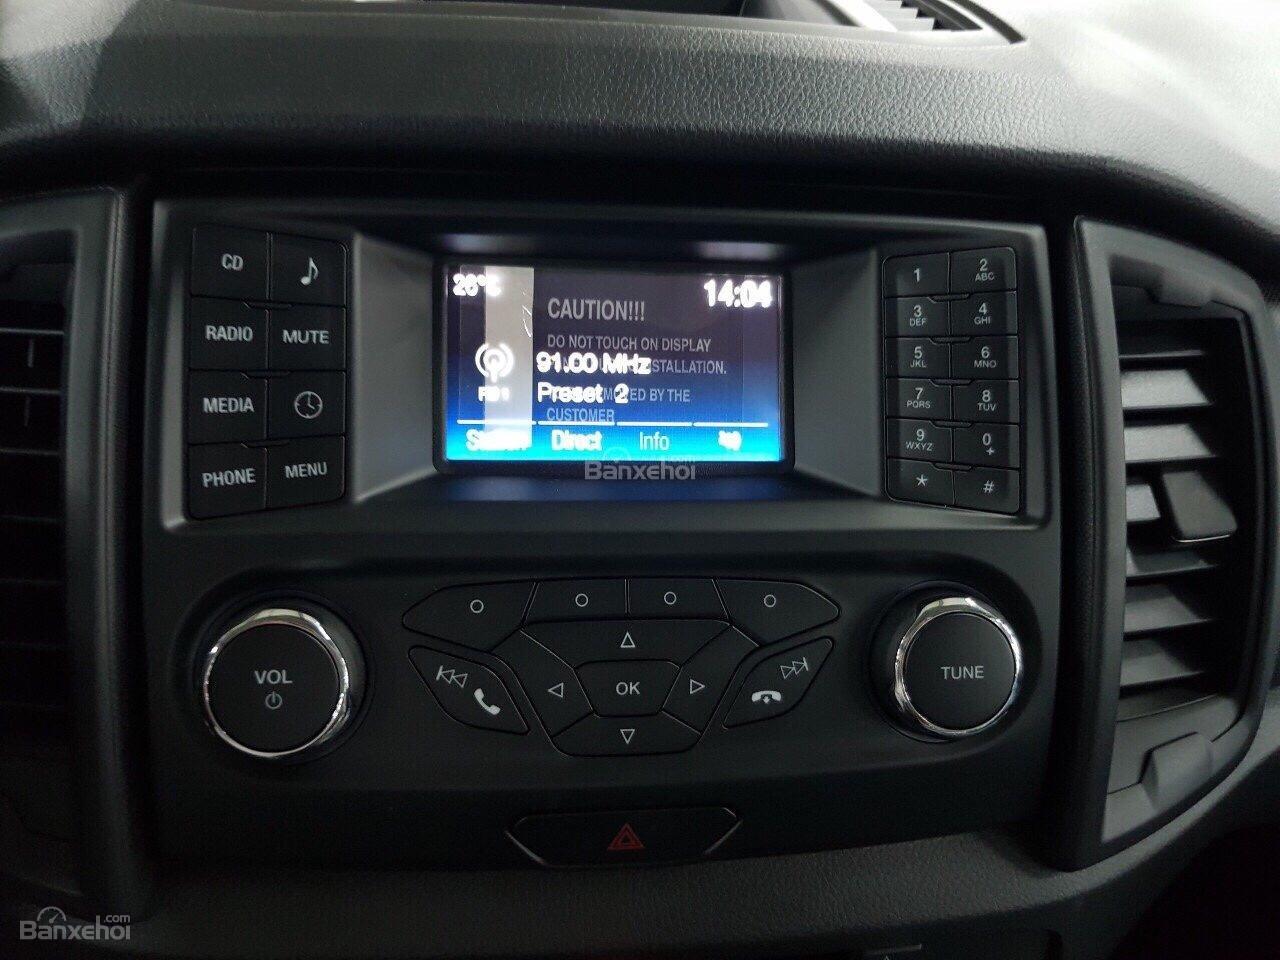 Giao luôn Ford Ranger XLS 2.2 MT, đủ màu, nhập khẩu Thái Lan, hỗ trợ vay 90% lãi suất thấp. Liên hệ nhận giá tốt nhất-4